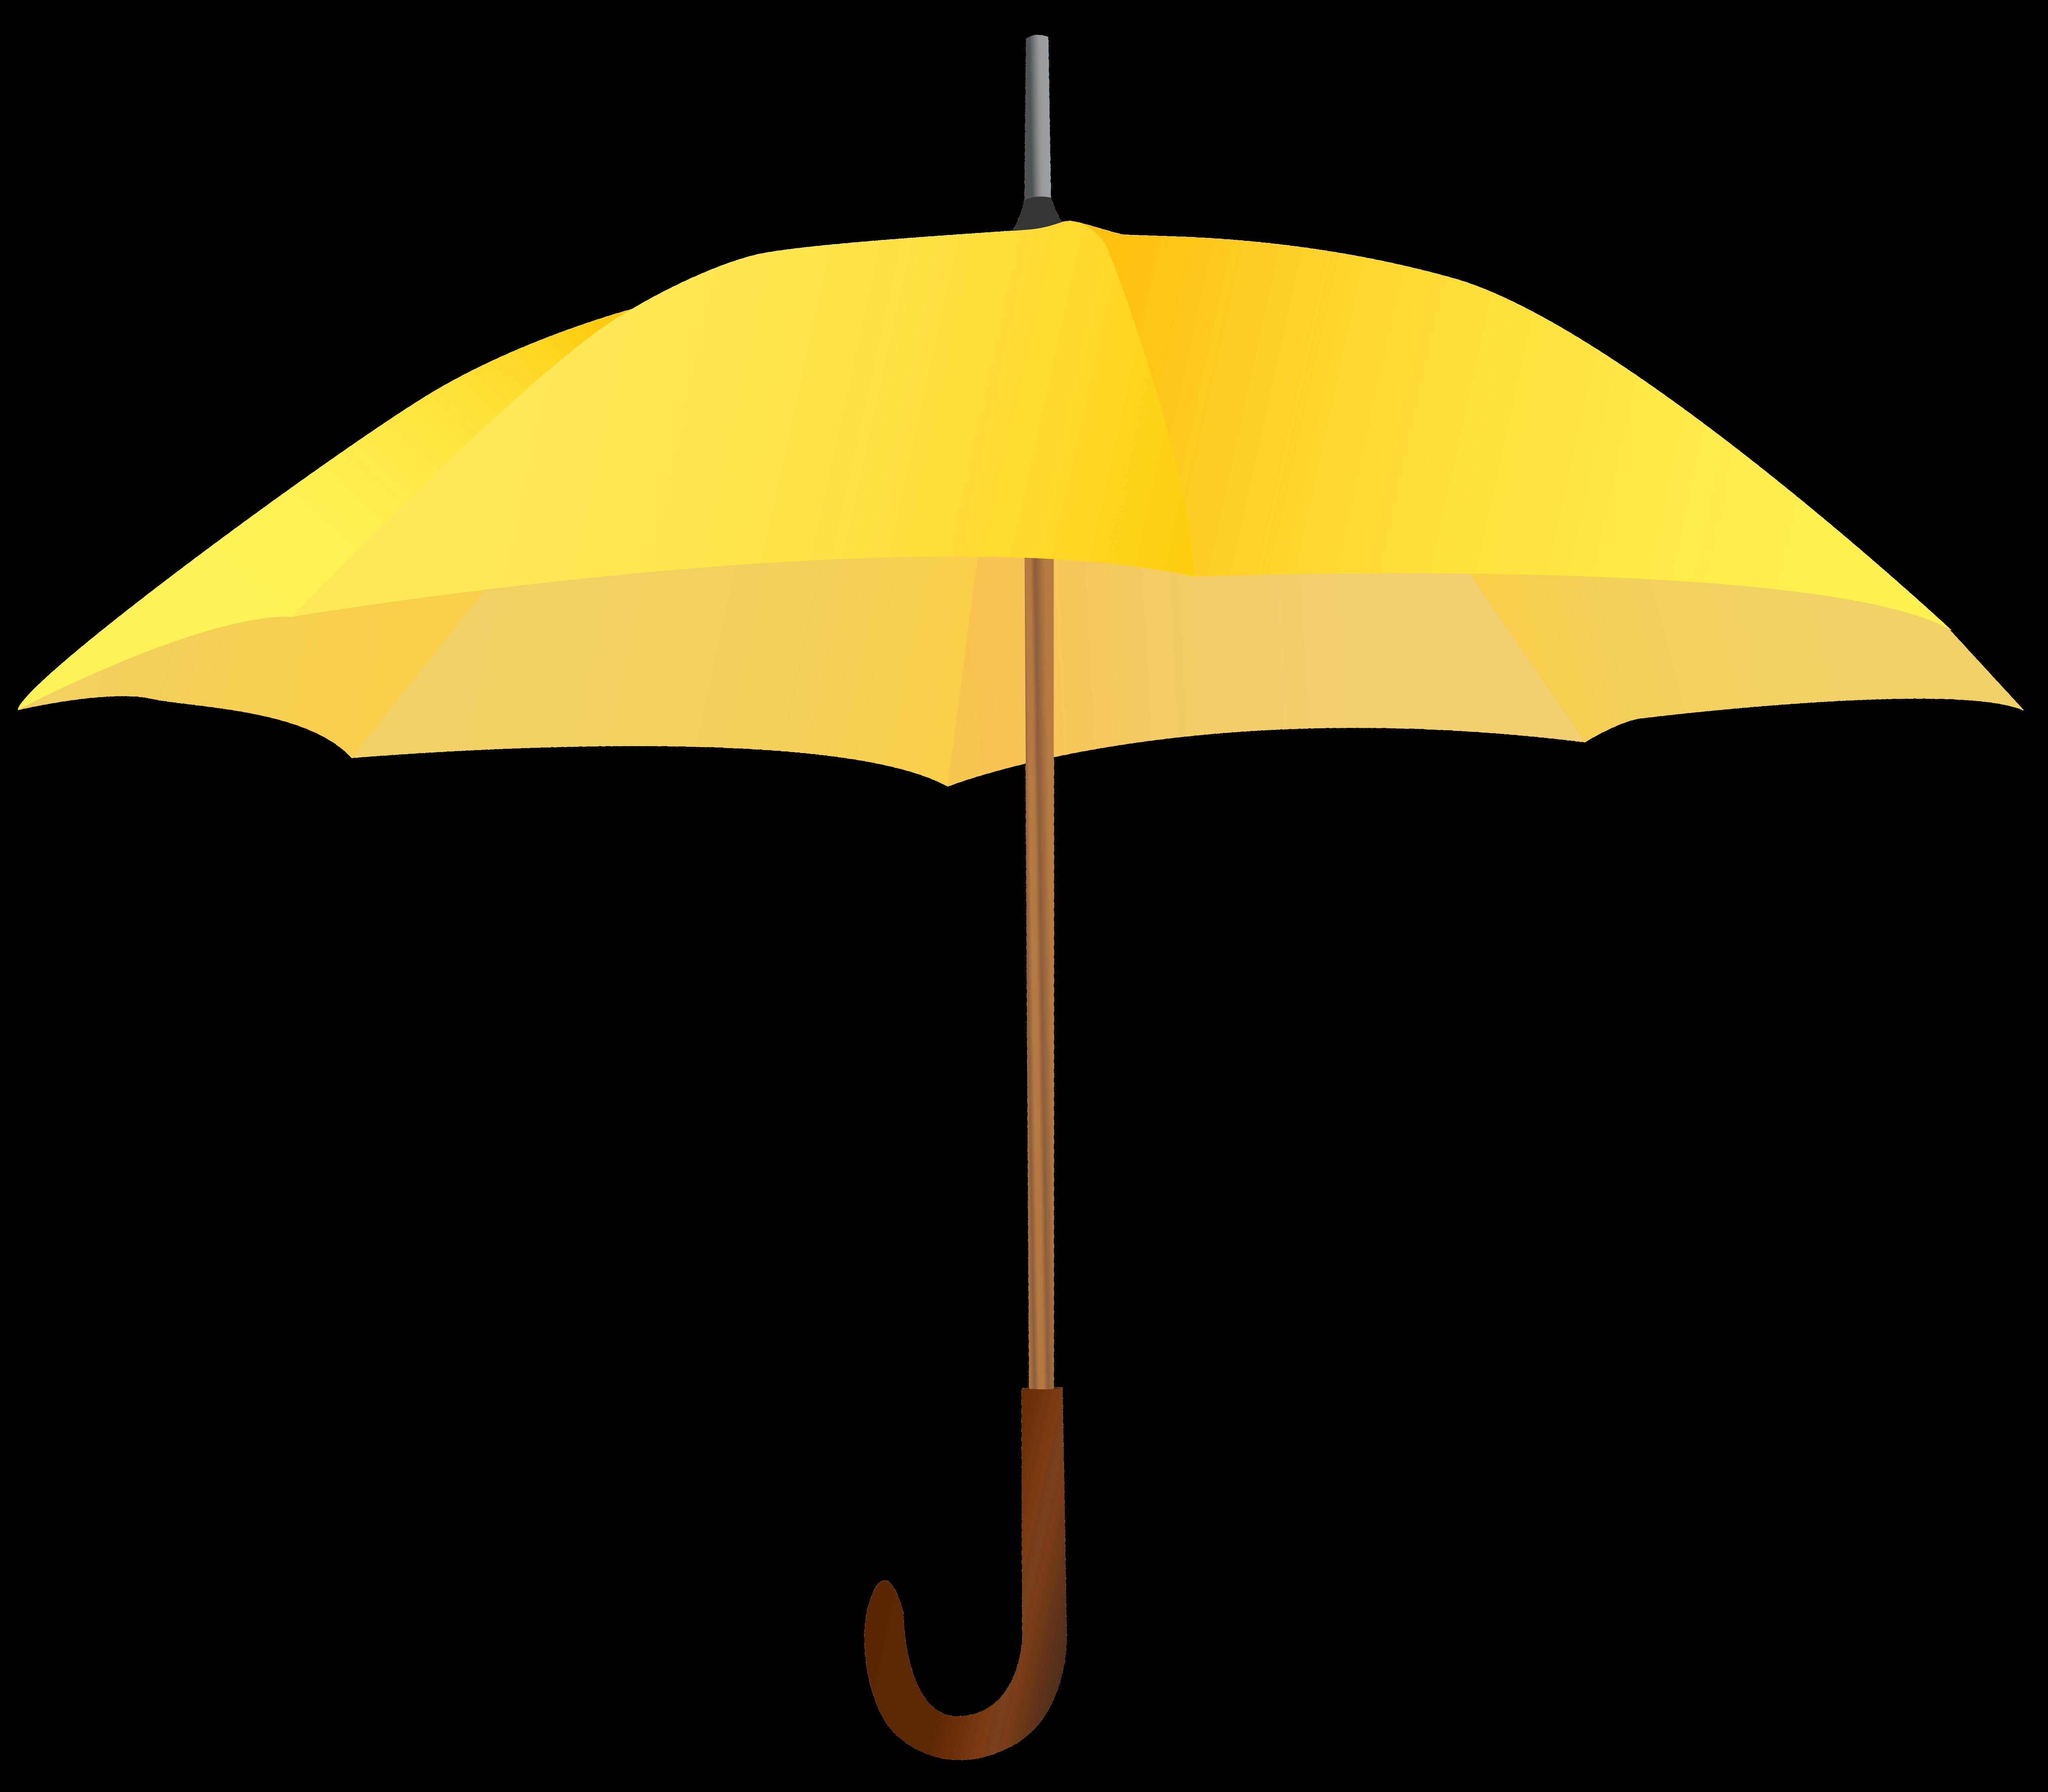 6190x5416 Light Umbrella Cliparts 227814